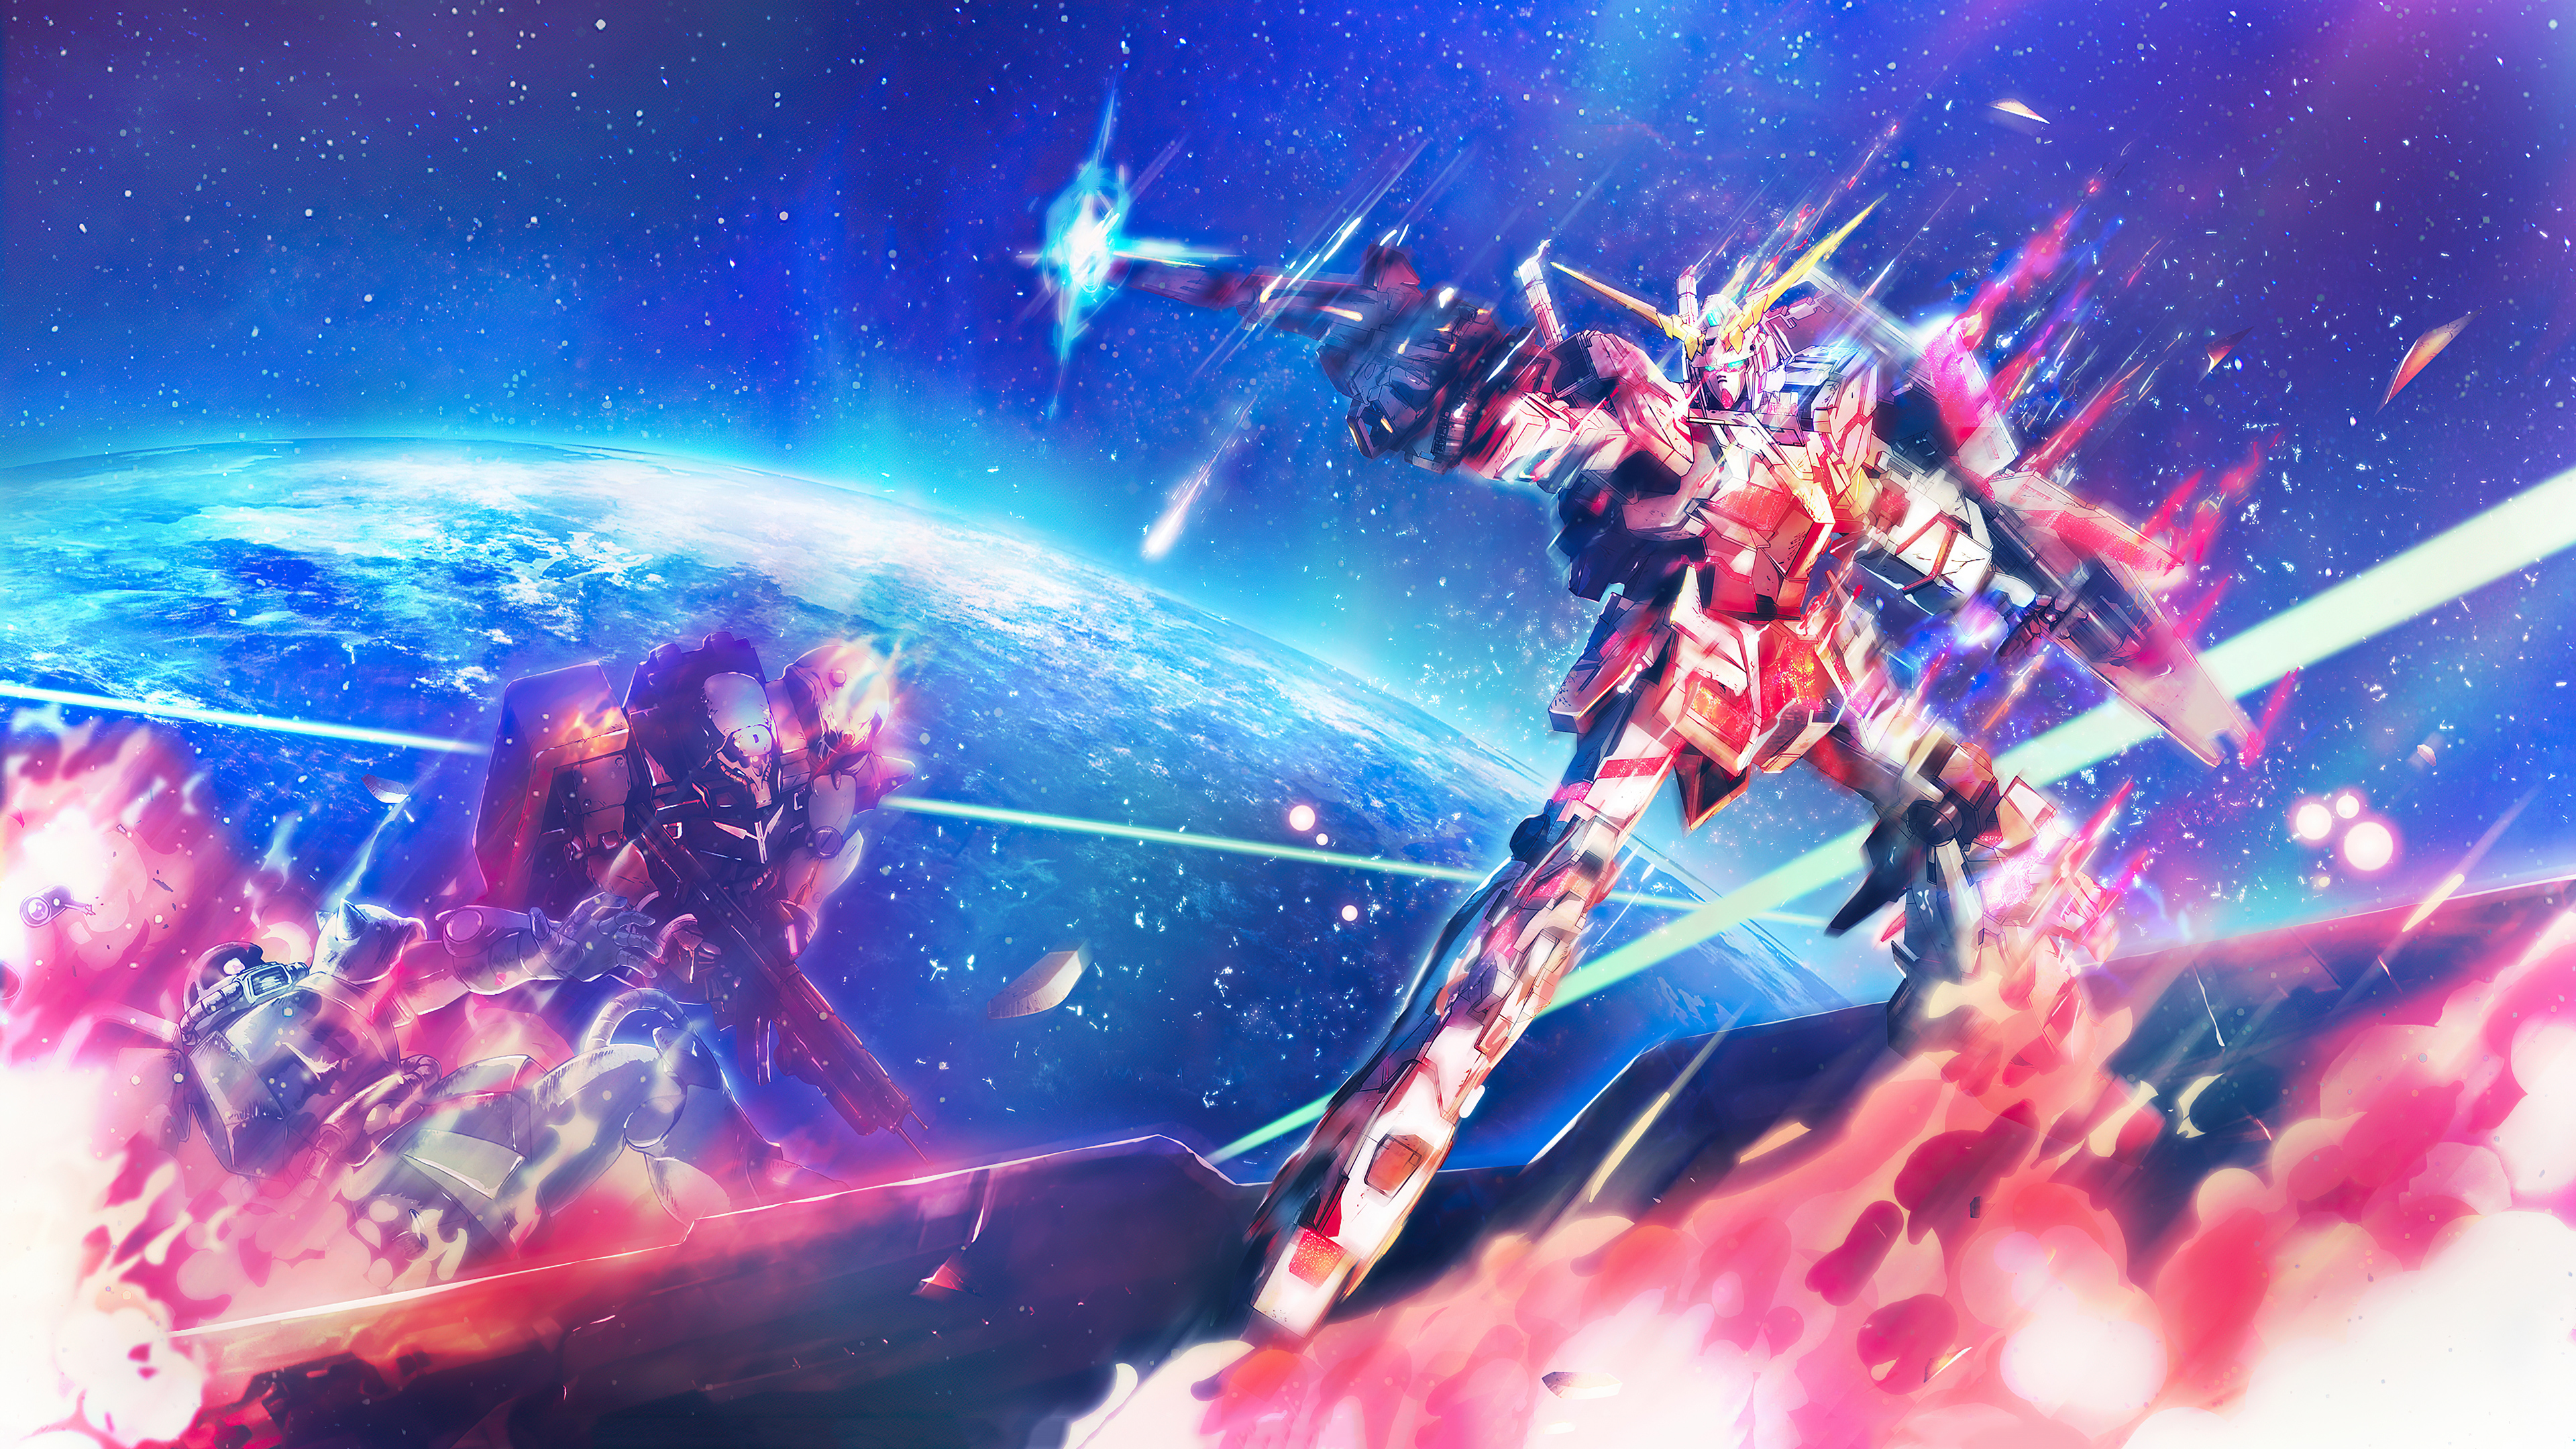 Mobile Suit Gundam Unicorn Anime 4k, HD Anime, 4k ...